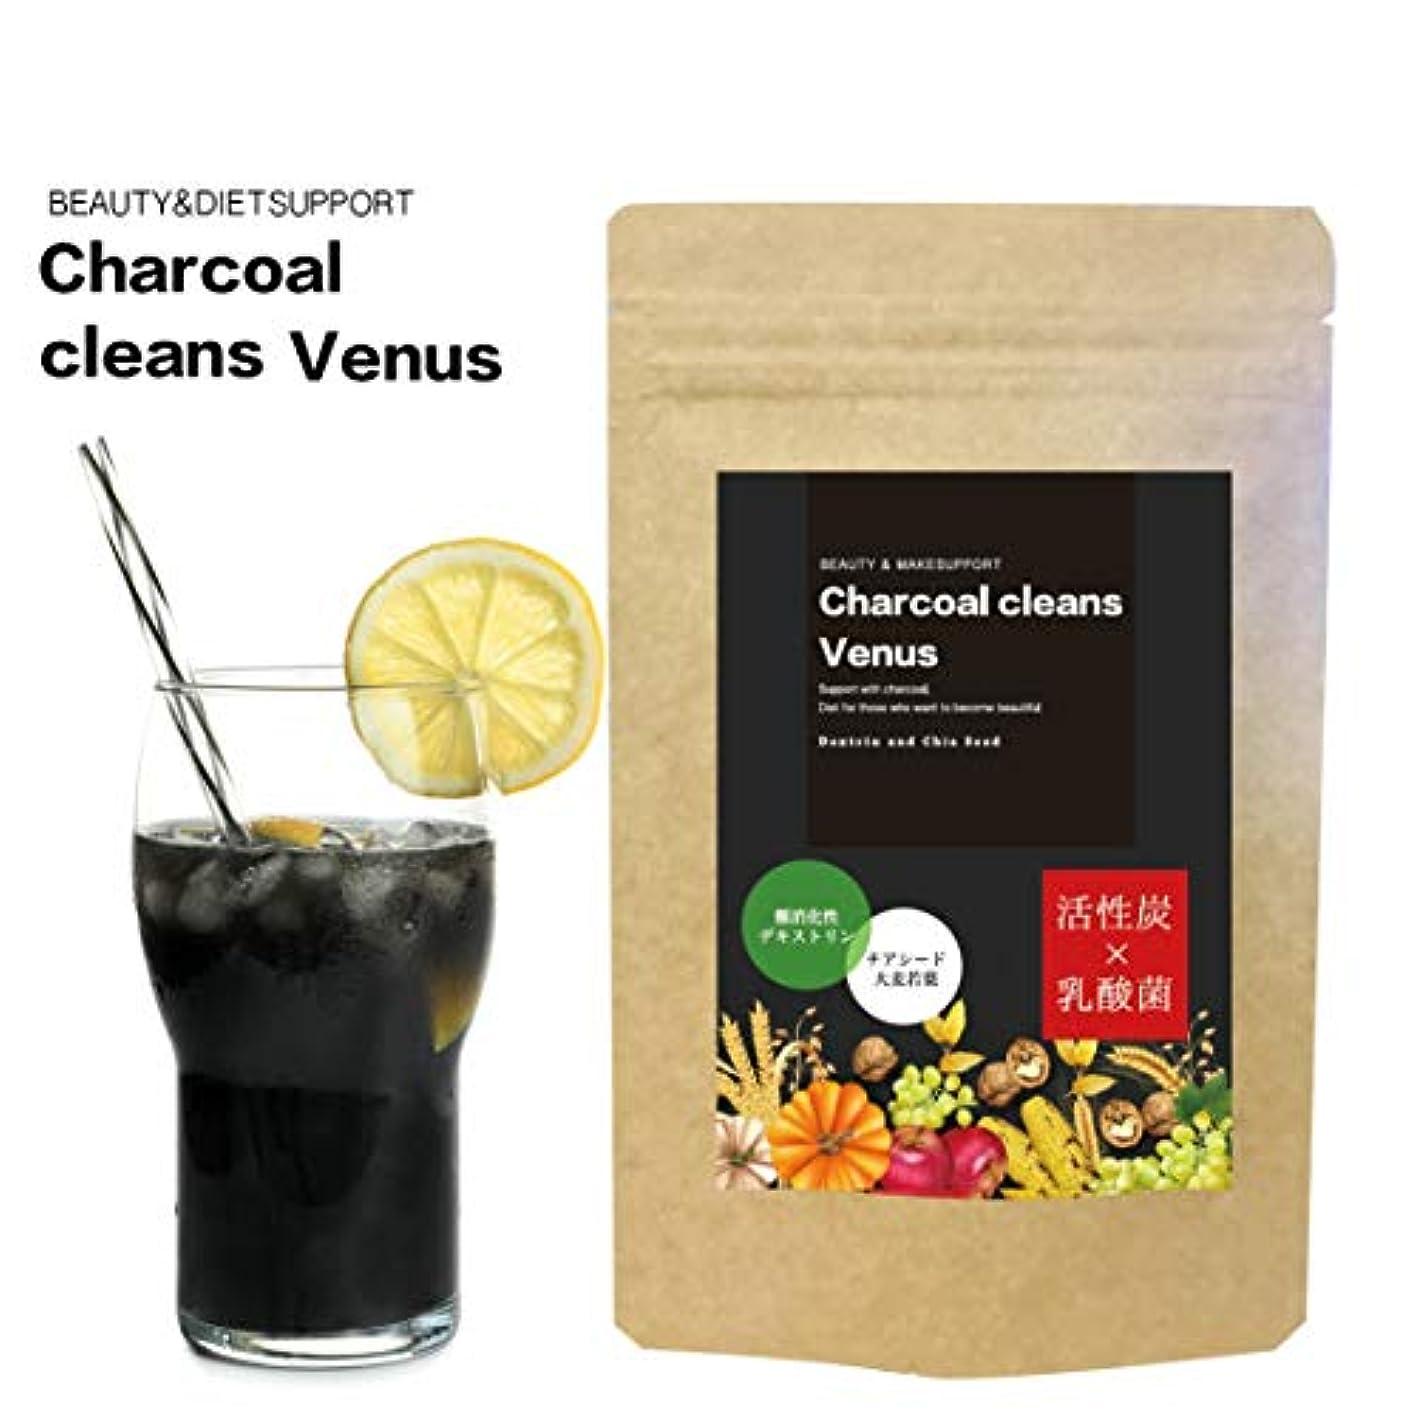 ラグアグネスグレイ提供された炭 デトックス & ダイエット 活性炭 + 乳酸菌 チャコールクレンズ ビーナス 約1ヶ月分 150g フルーツMIX味